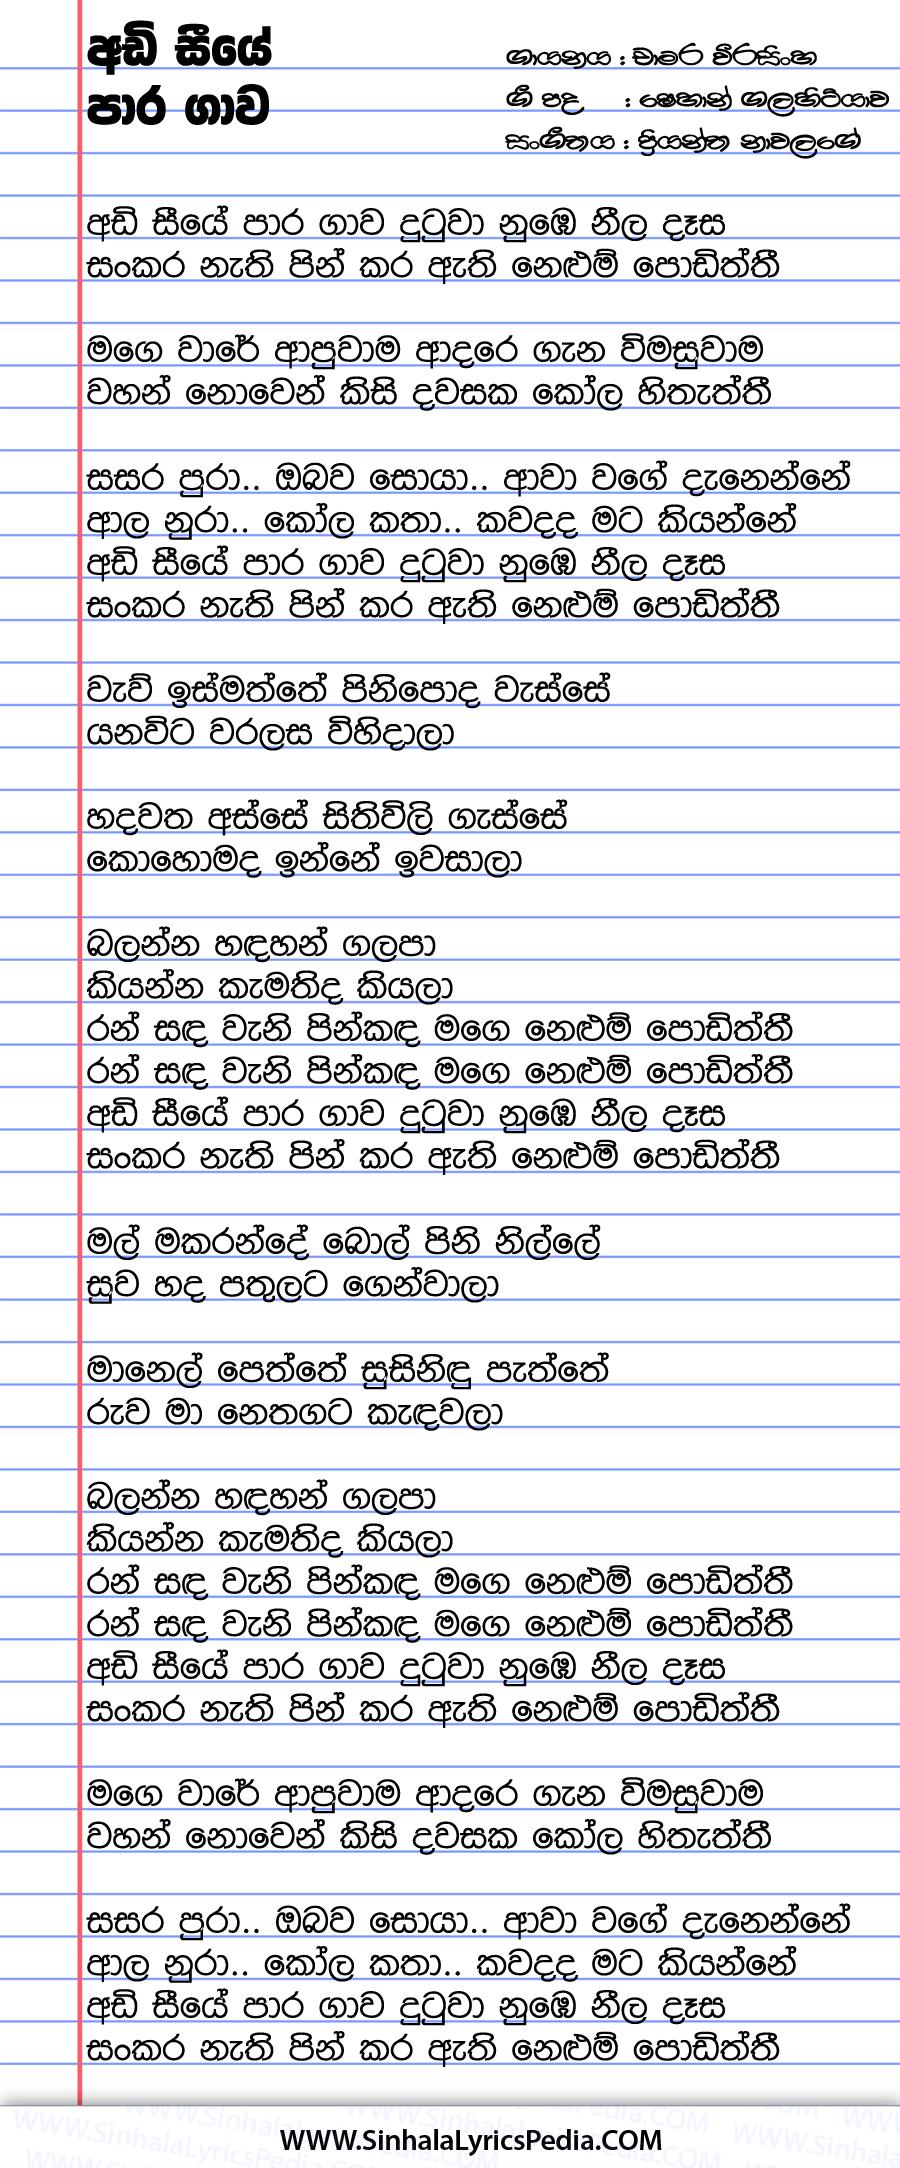 Adi Seeye Para Gawa Song Lyrics